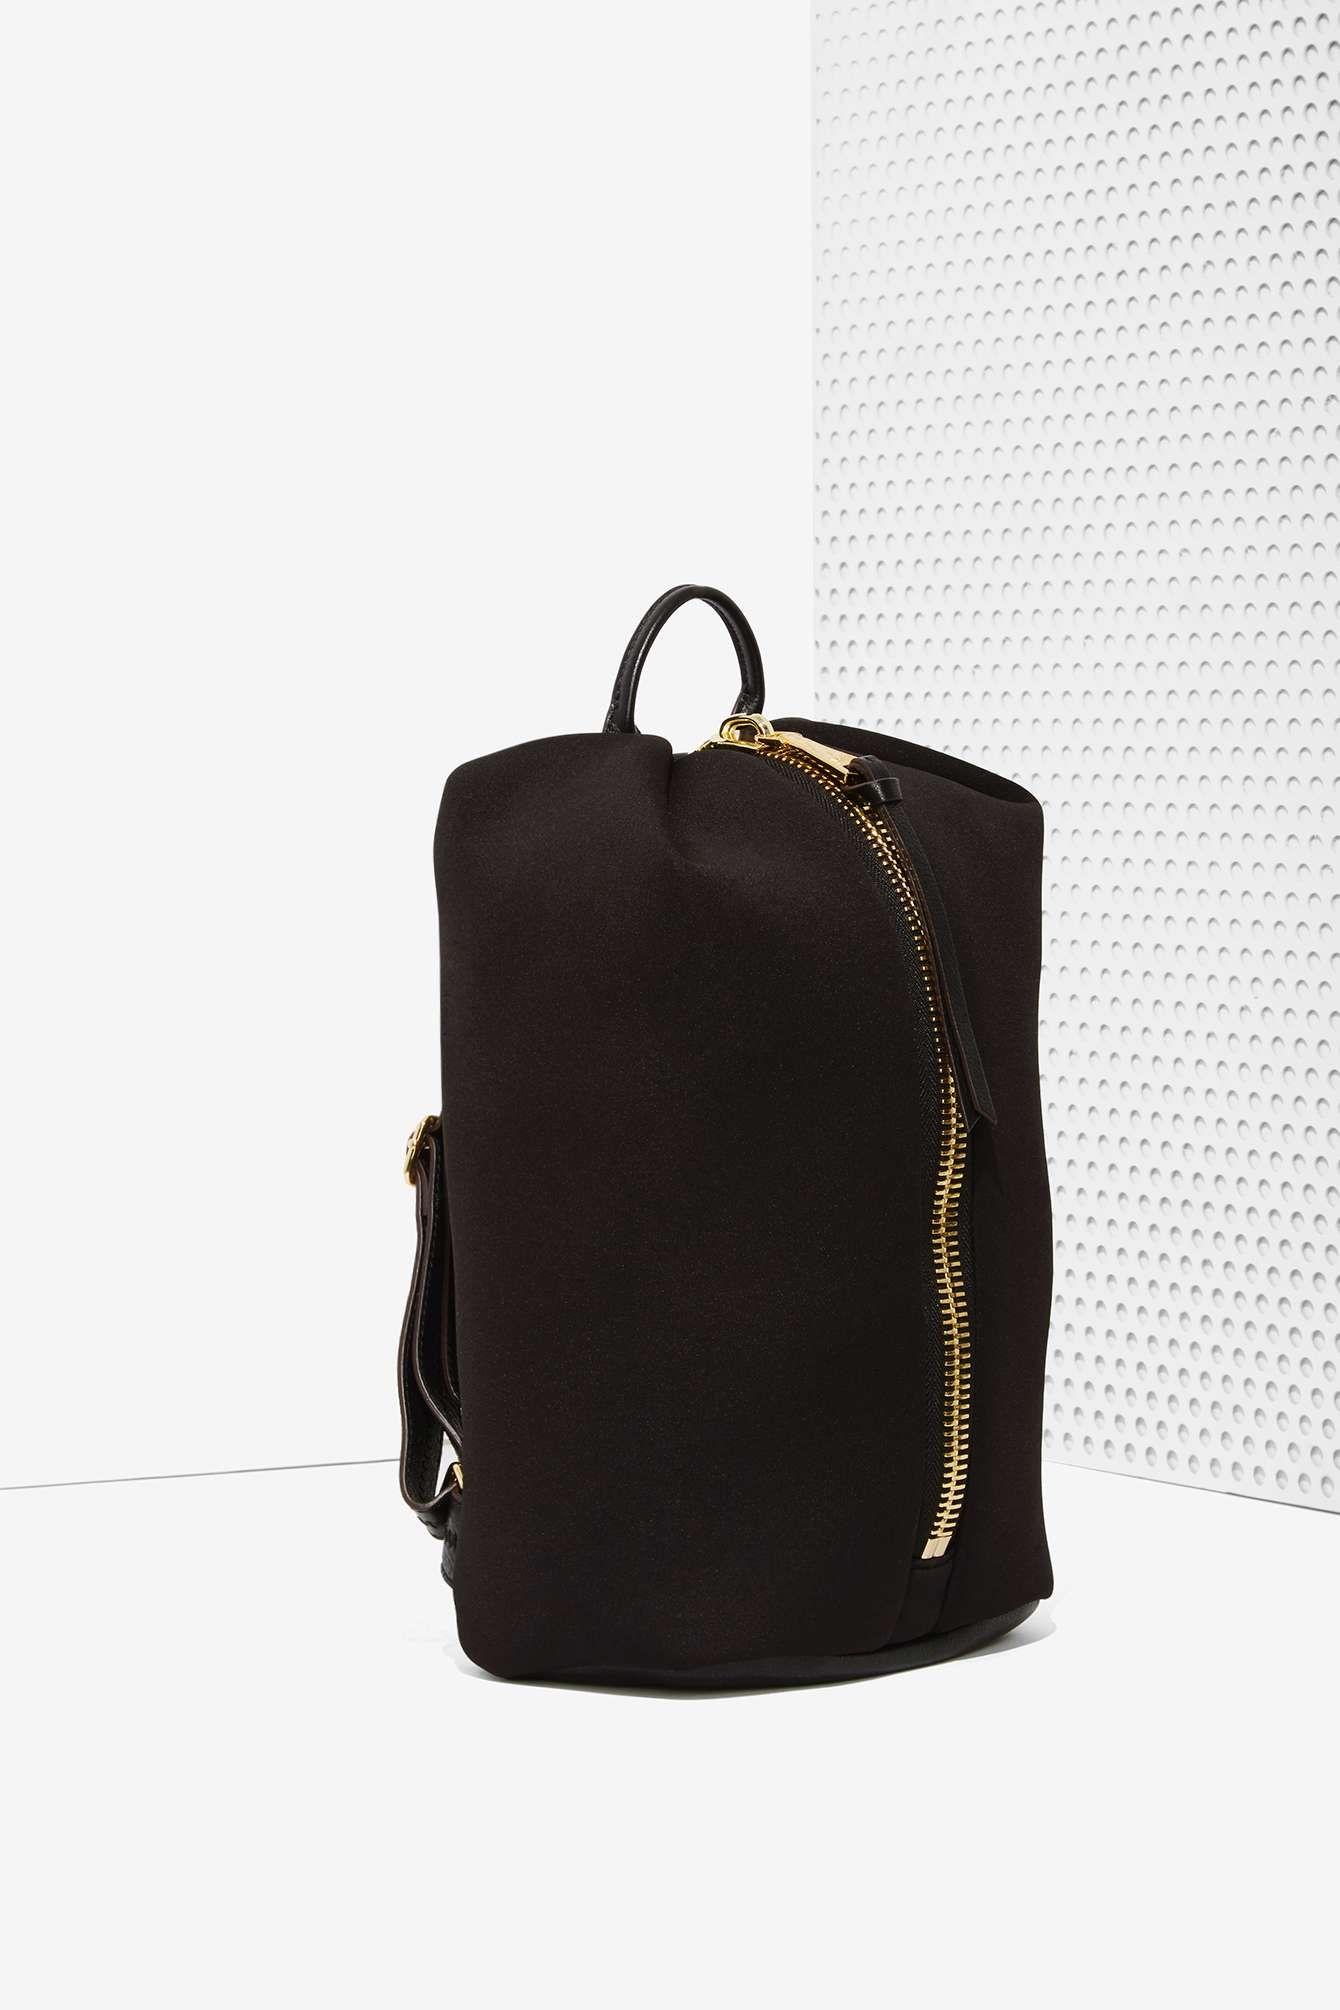 ecc0436f4 Aimee Kestenberg Destiny Neoprene/Leather Backpack | bag | Progetti ...